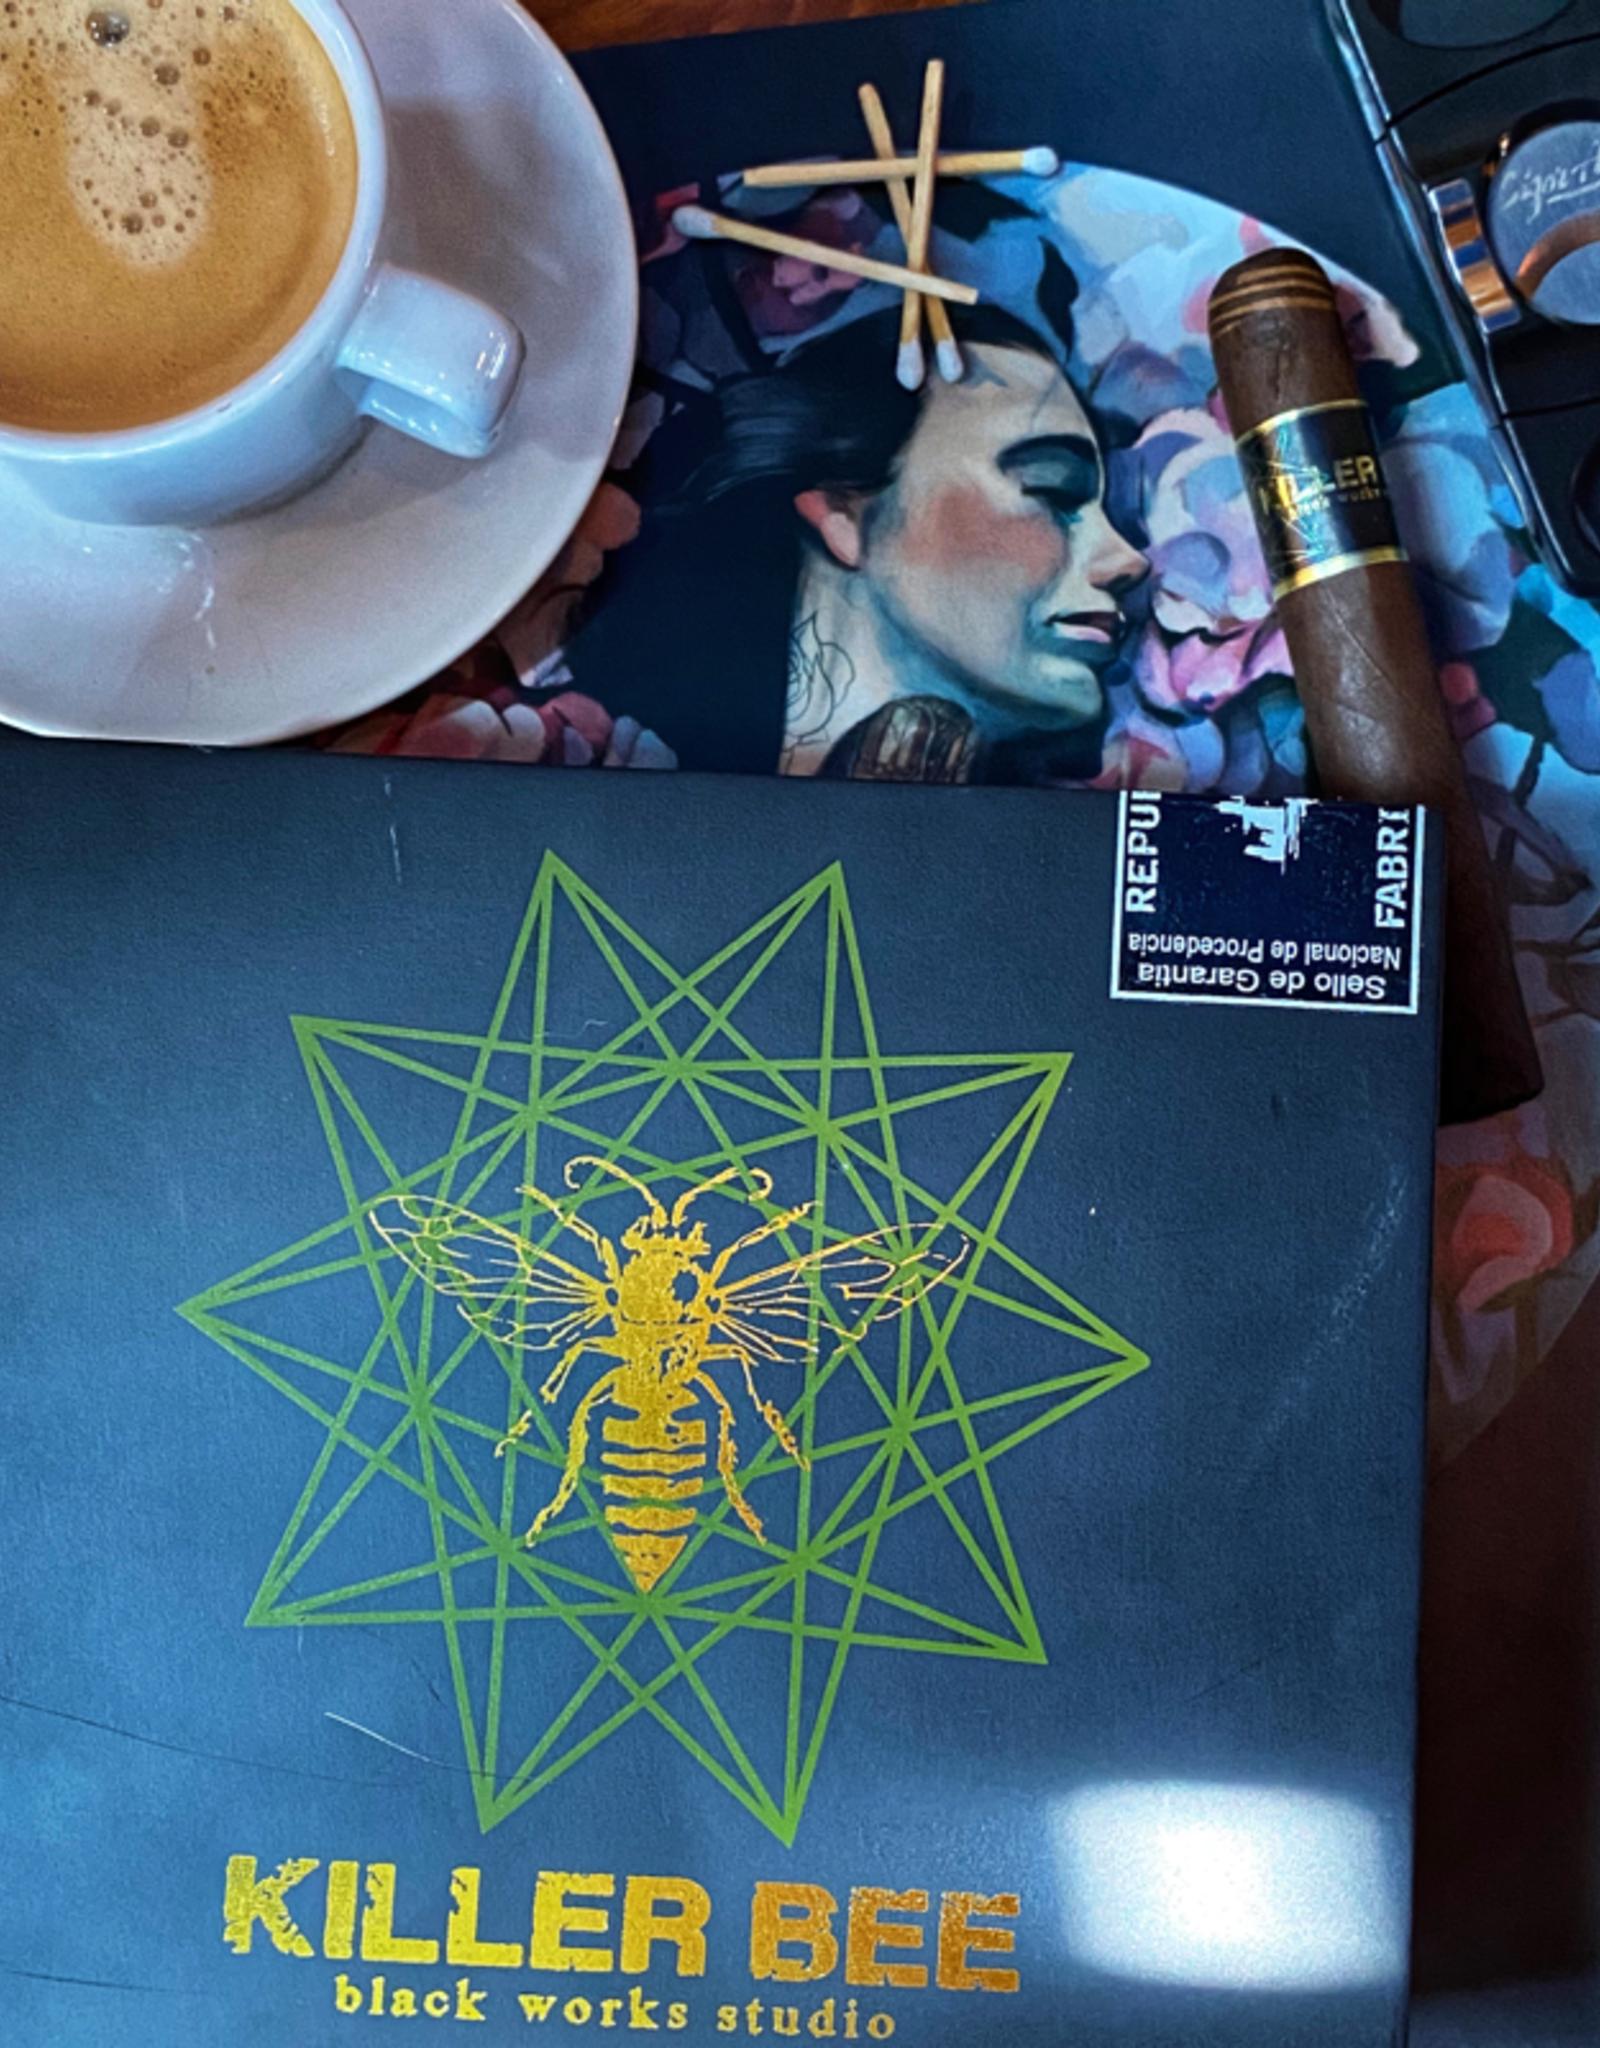 Black Label Trading Co Black Works Studio Killer Bee Petit Corona 4.5 x 48